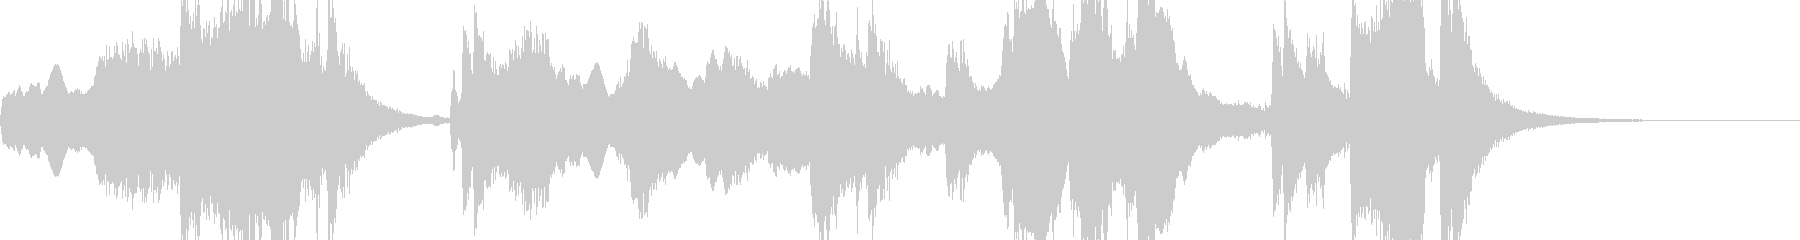 壮大なイメージのオーケストラの曲の未再生の波形